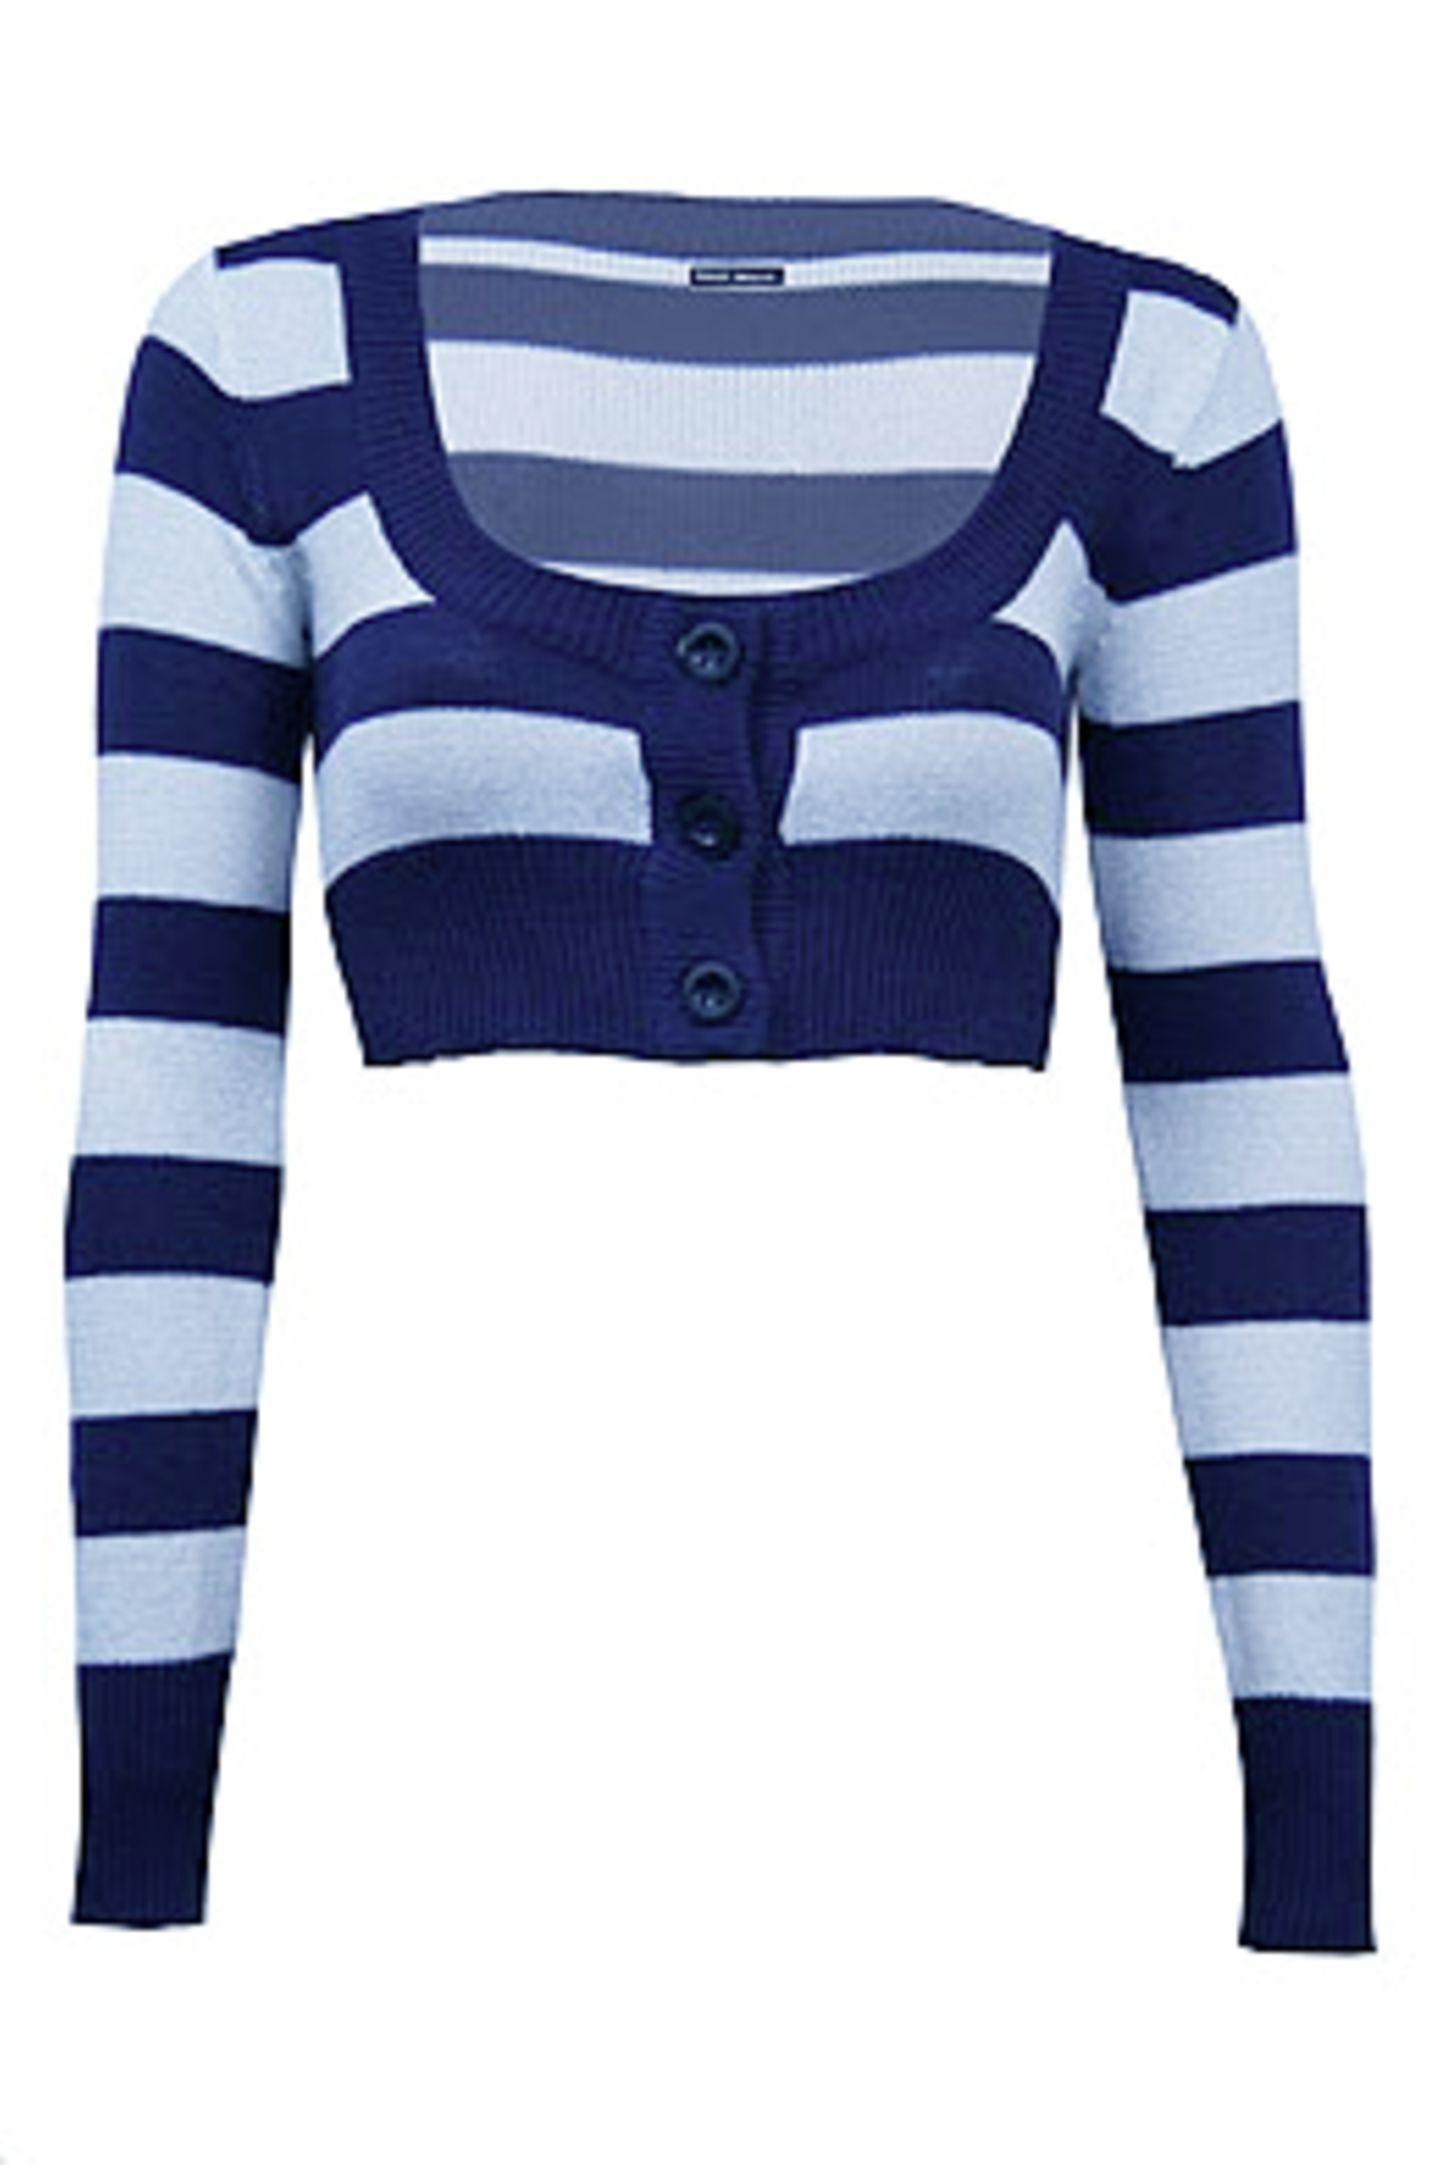 Blau-weiß gestreifte kurze Strickjacke, 15 Euro; von TALLY WEiJL